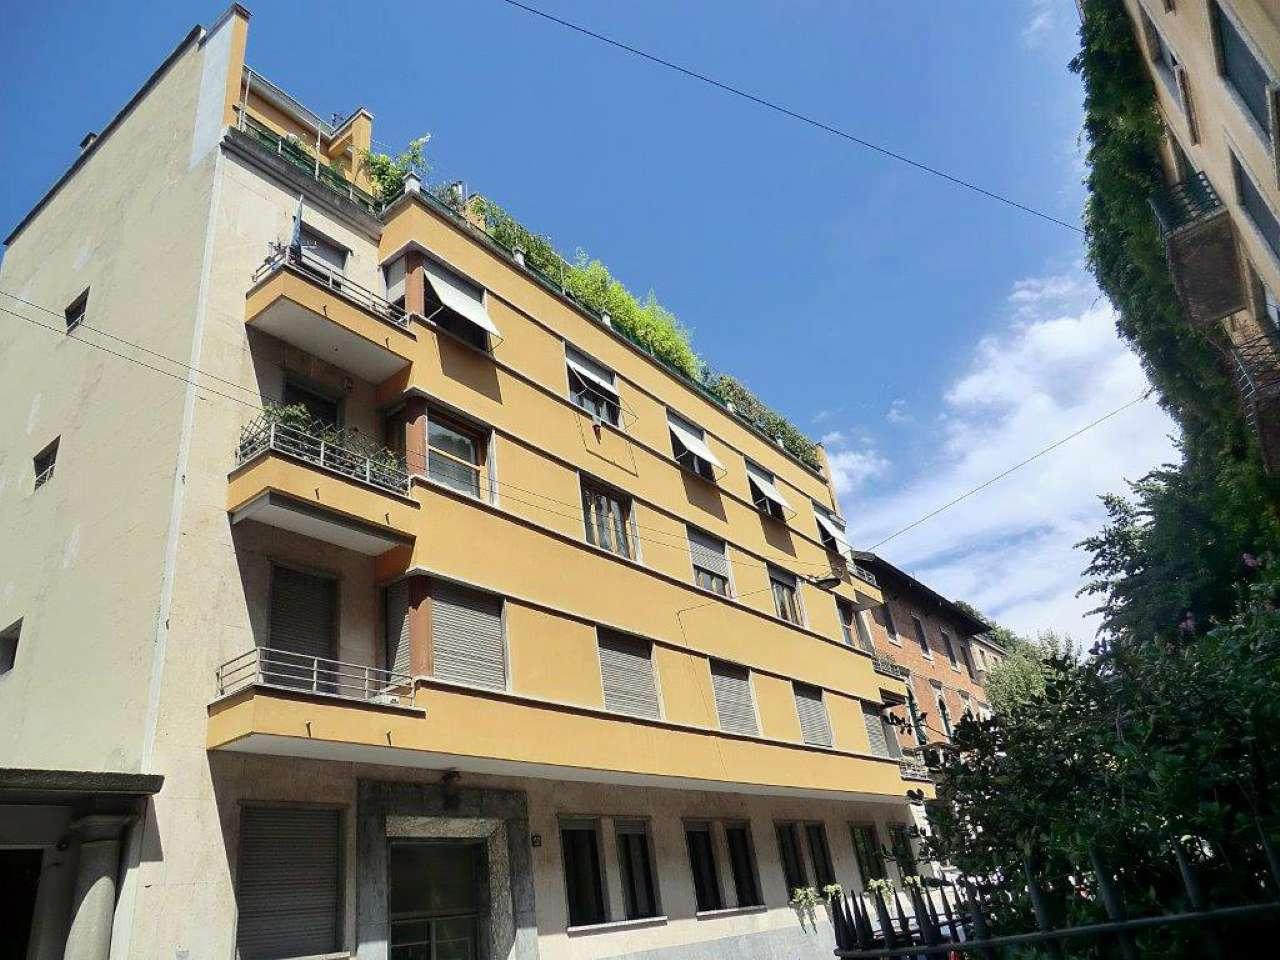 Appartamento in Affitto a Milano 01 Centro storico (Cerchia dei Navigli):  2 locali, 45 mq  - Foto 1